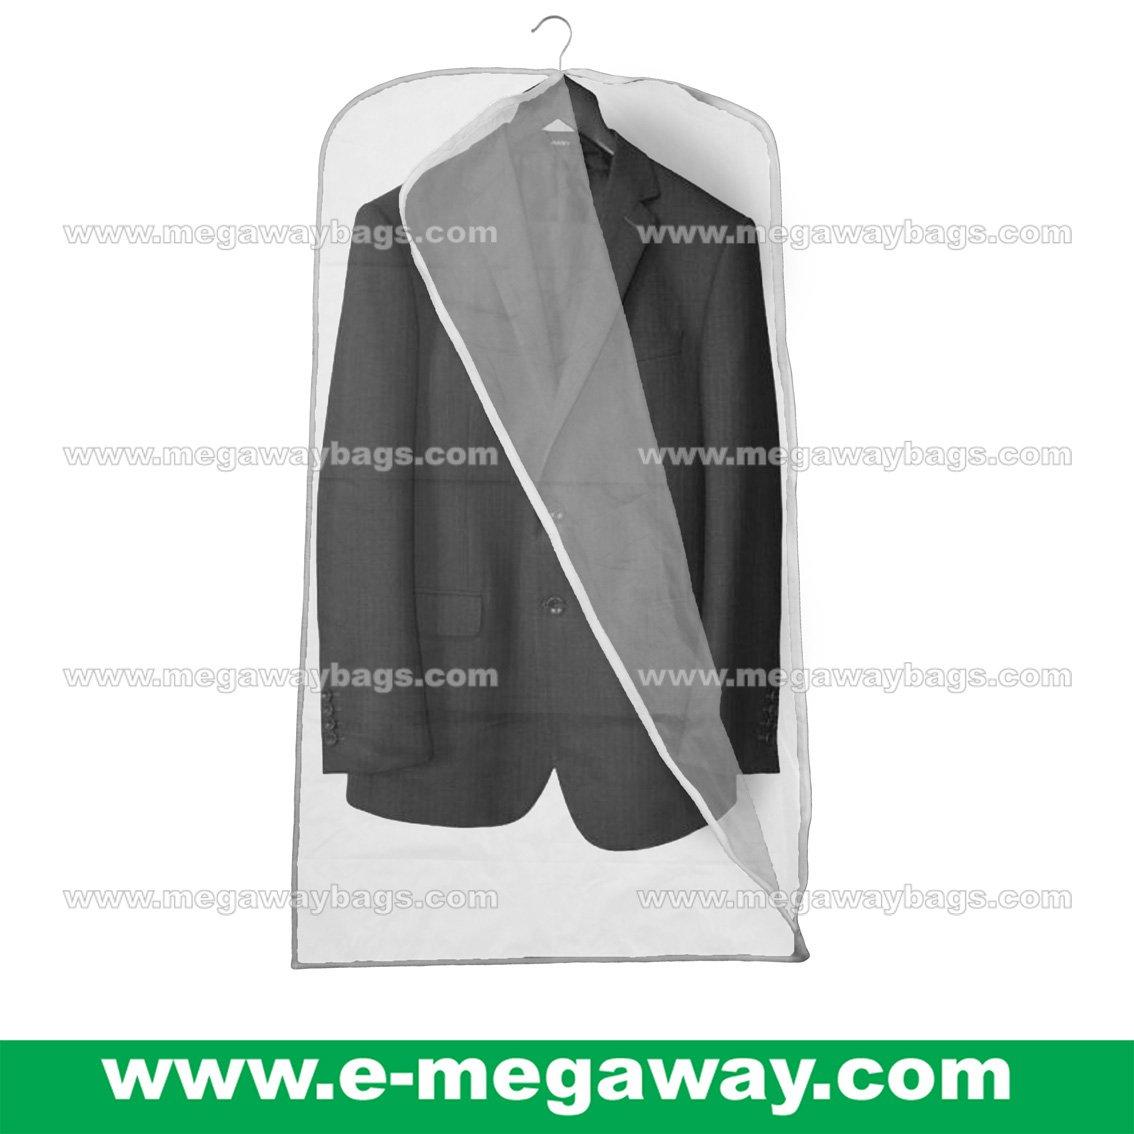 Wedding Suits Dress Garment Vinyl Zipper Bag Semi-Transparent Travel MegawayBags #CC-0944